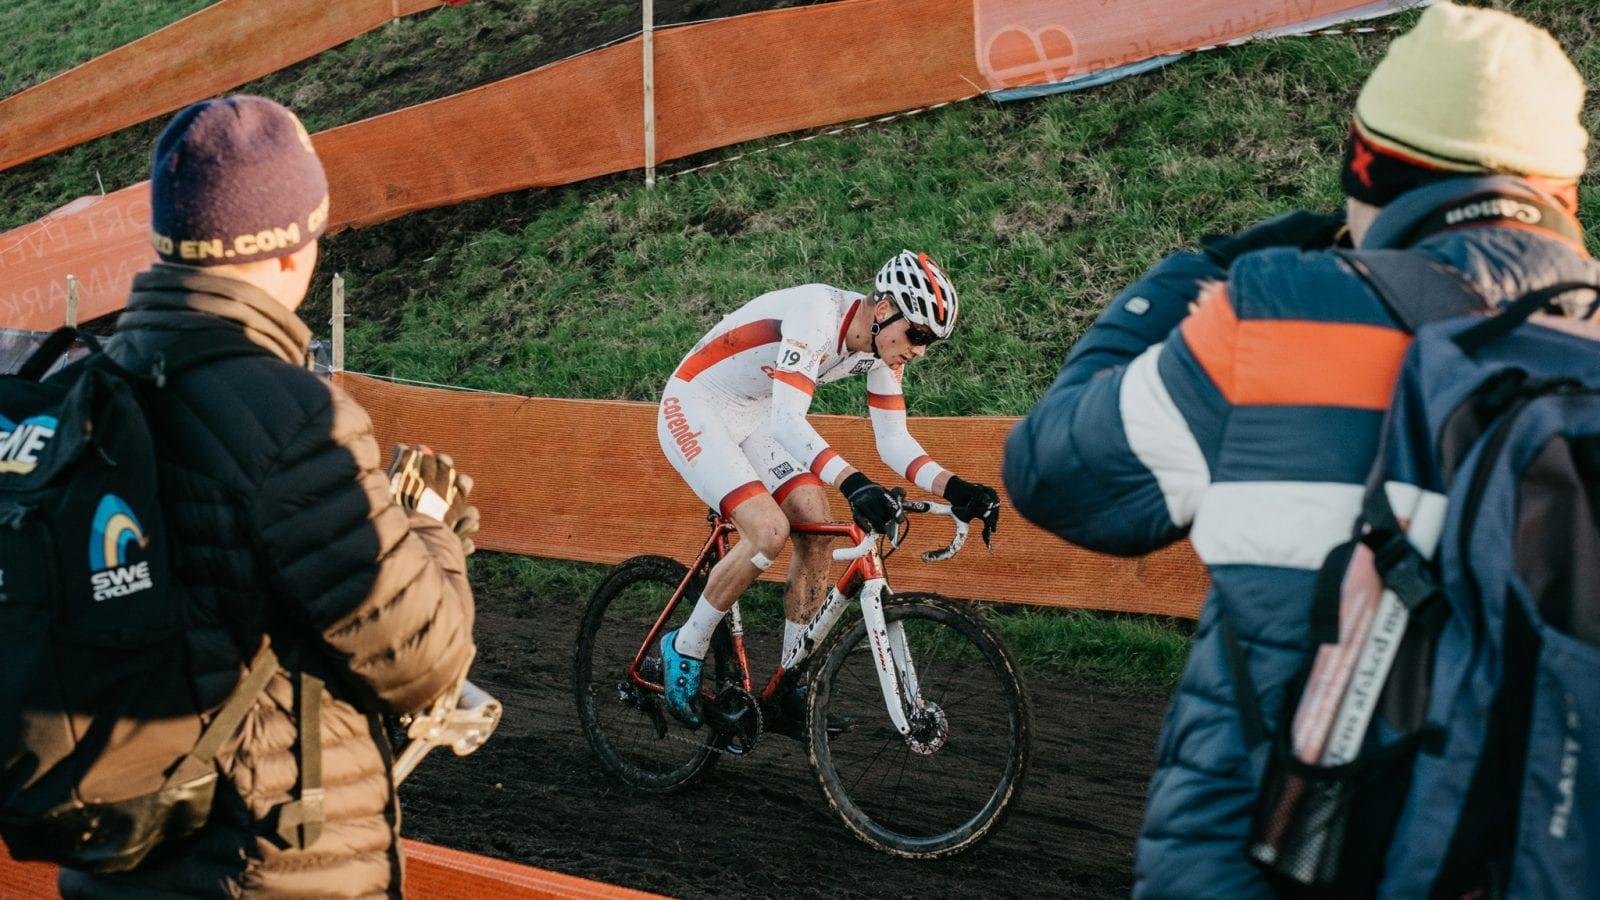 VAN DER POEL Mathieu 2017 AltomCykling.dk ©Foto Bechbox.dk / Mikkel Bech